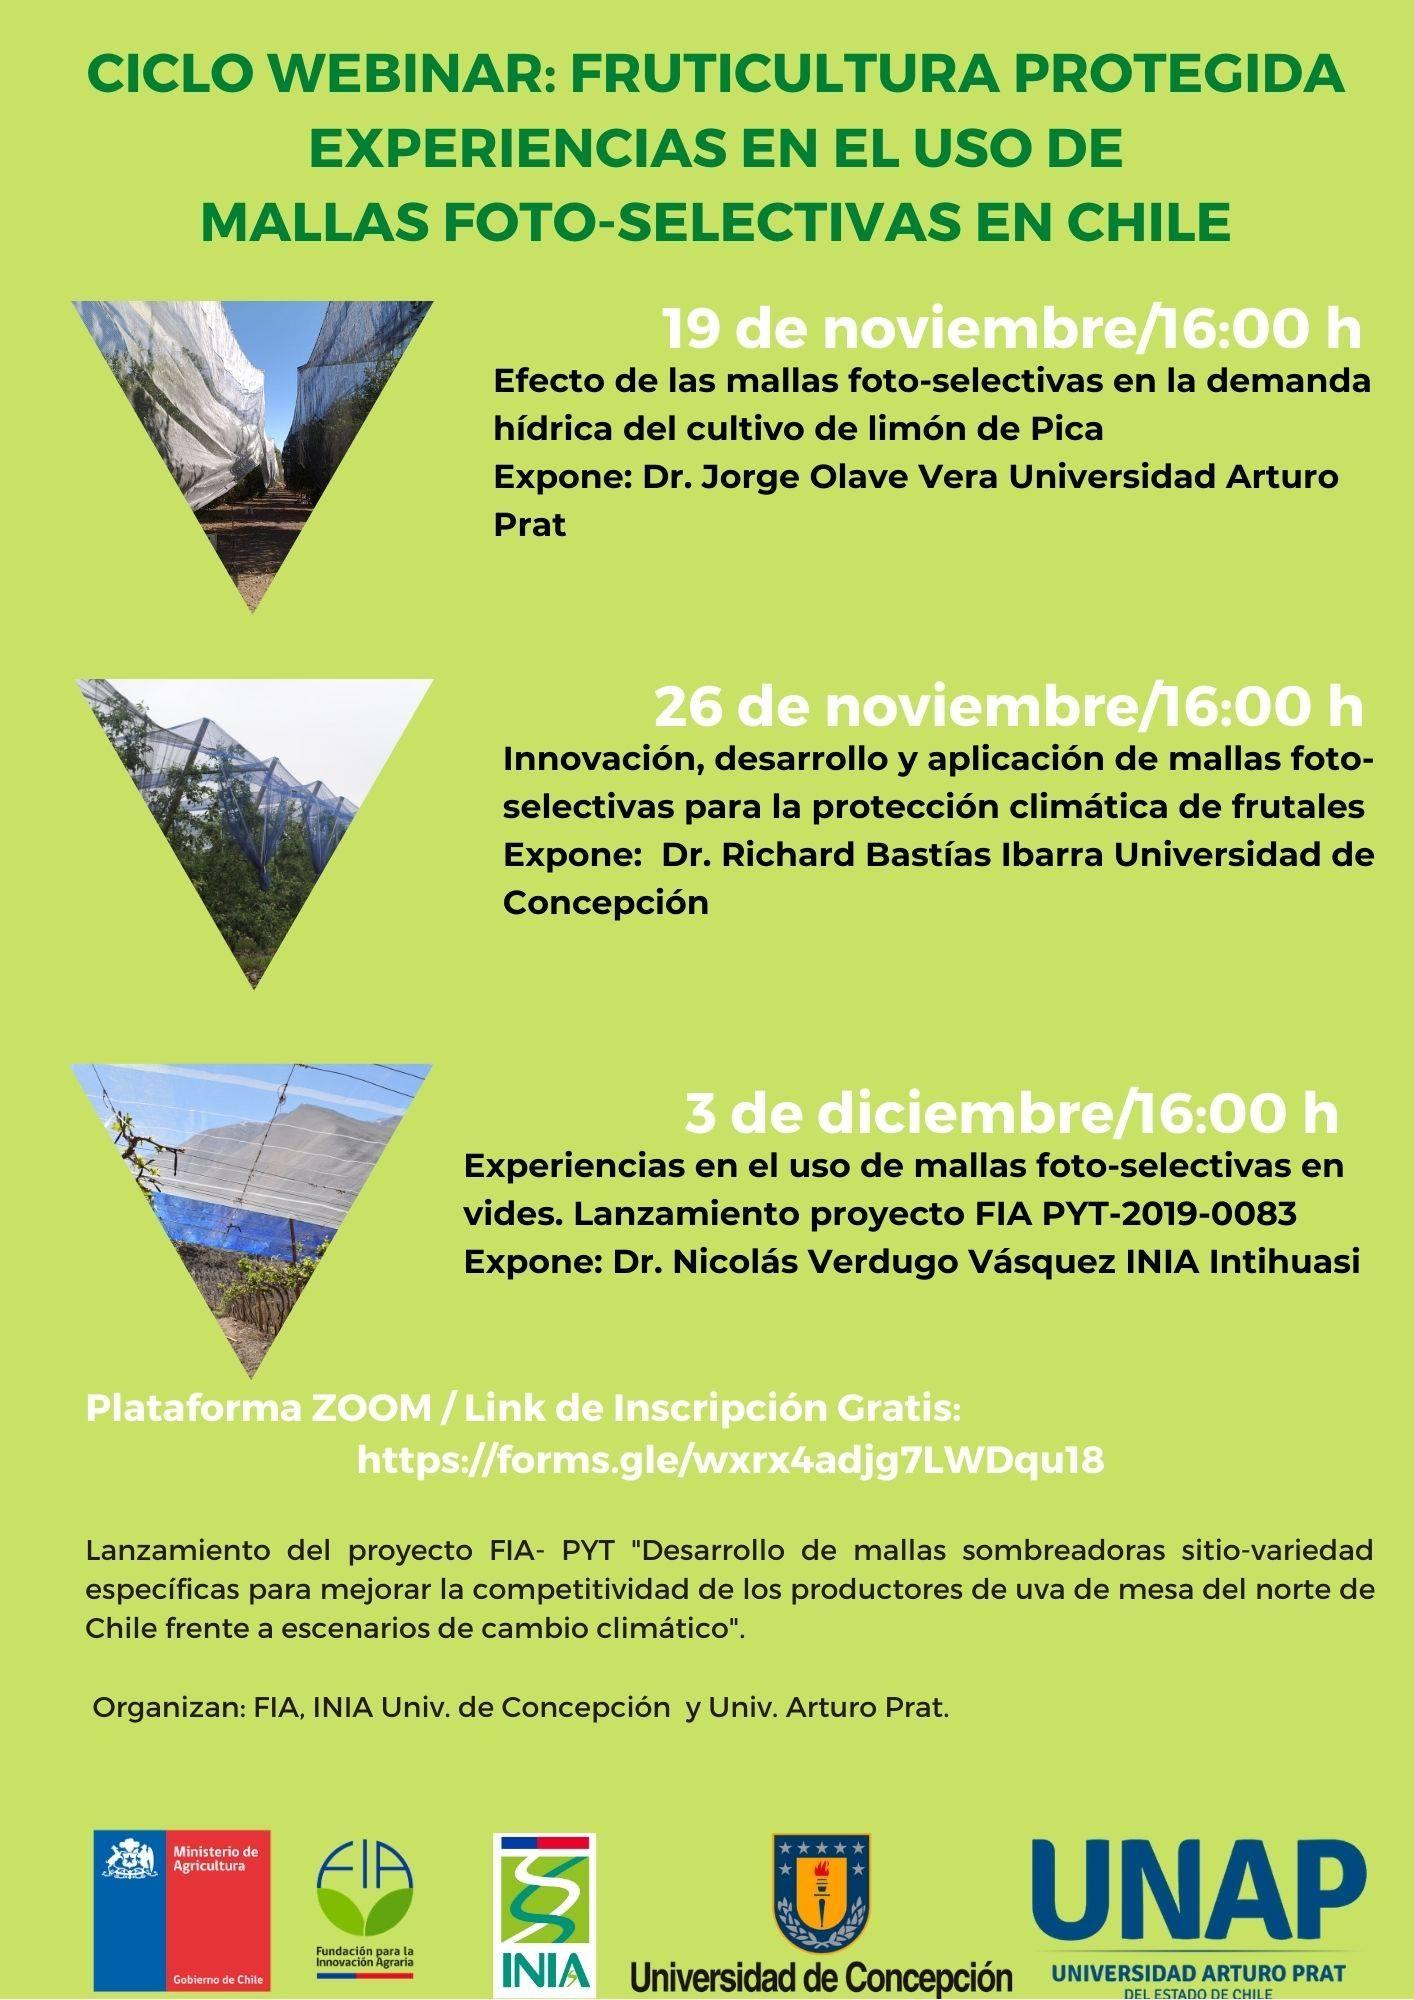 Nuevo ciclo webinar: Fruticultura protegida experiencias en el uso de mallas foto-selectivas en Chile